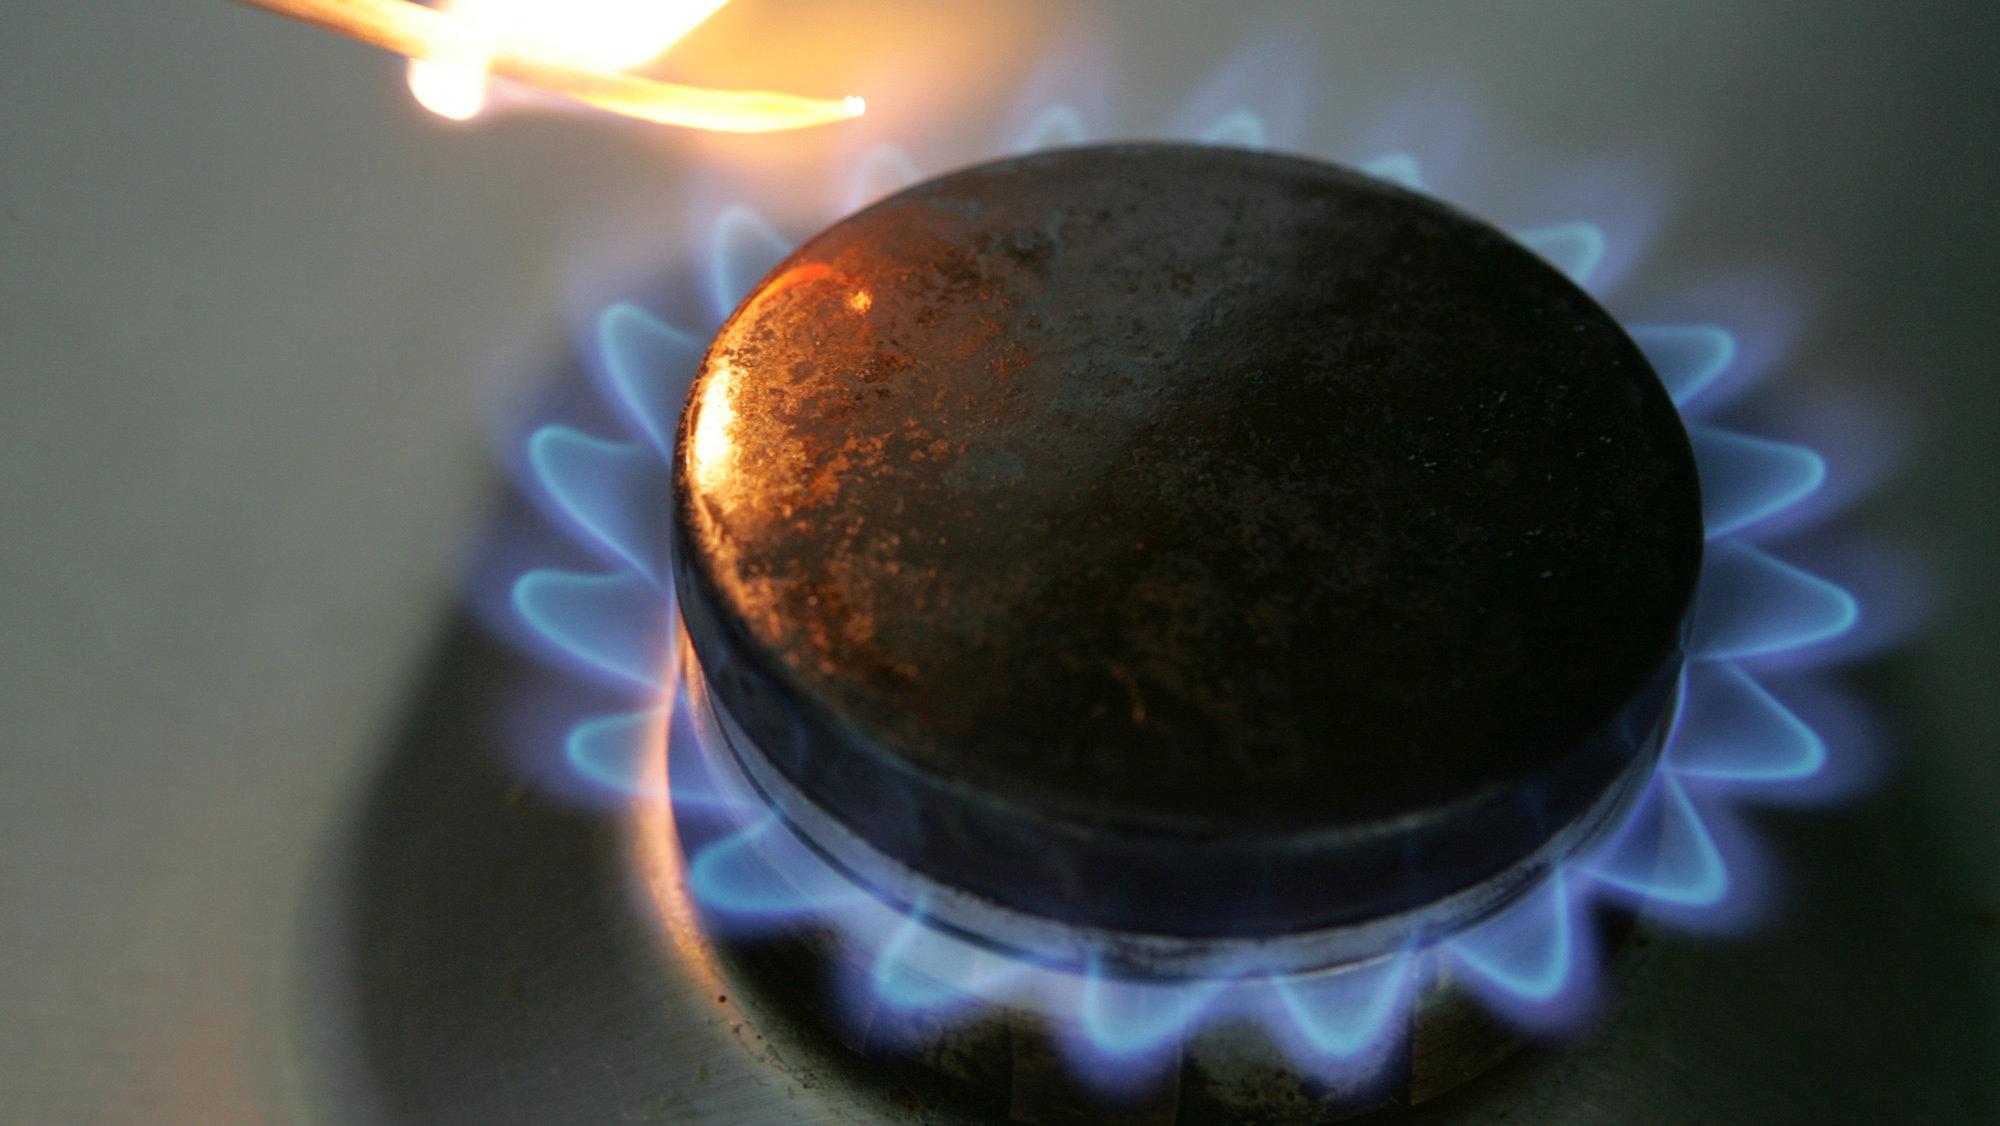 ** ARCHIV ** Die Gasflamme an einem Kochherd wird am 6. September 2005 in Bremen entzuendet. Drastische Unterschiede bei den Gaspreisen in Deutschland hat das Bundeskartellamt bei seinem ersten bundesweiten Tarifvergleich festgestellt. Die Preisdifferenzen fuer die gleiche Gasmenge betrugen danach bis zu 59 Prozent, wie die Behoerde am Mittwoch, 3. Januar 2007, mitteilte. (AP Photo/Joerg Sarbach) --- ** FILE ** The flame of a gas stove is ignited in Bremen, Germany, in this Sept. 6, 2005 file photo.